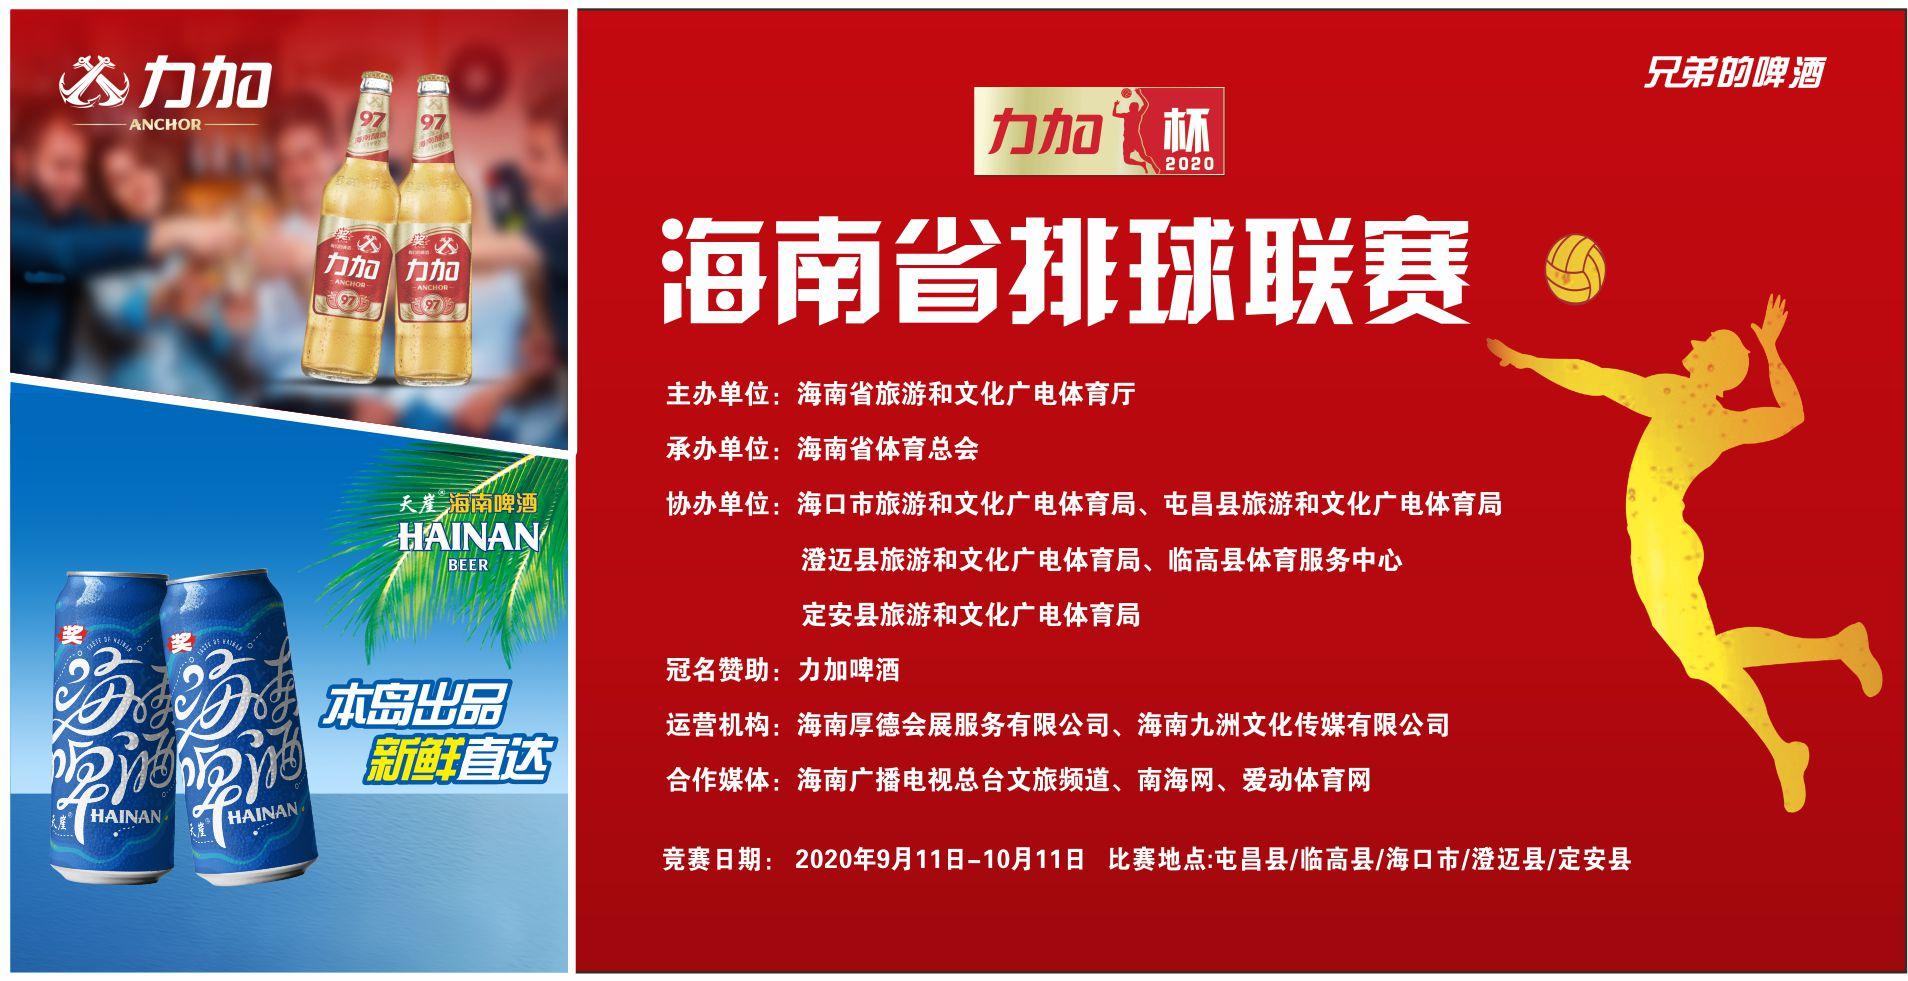 """【回放】2020""""力加杯""""海南省排球联赛 9月20日早上 B组"""